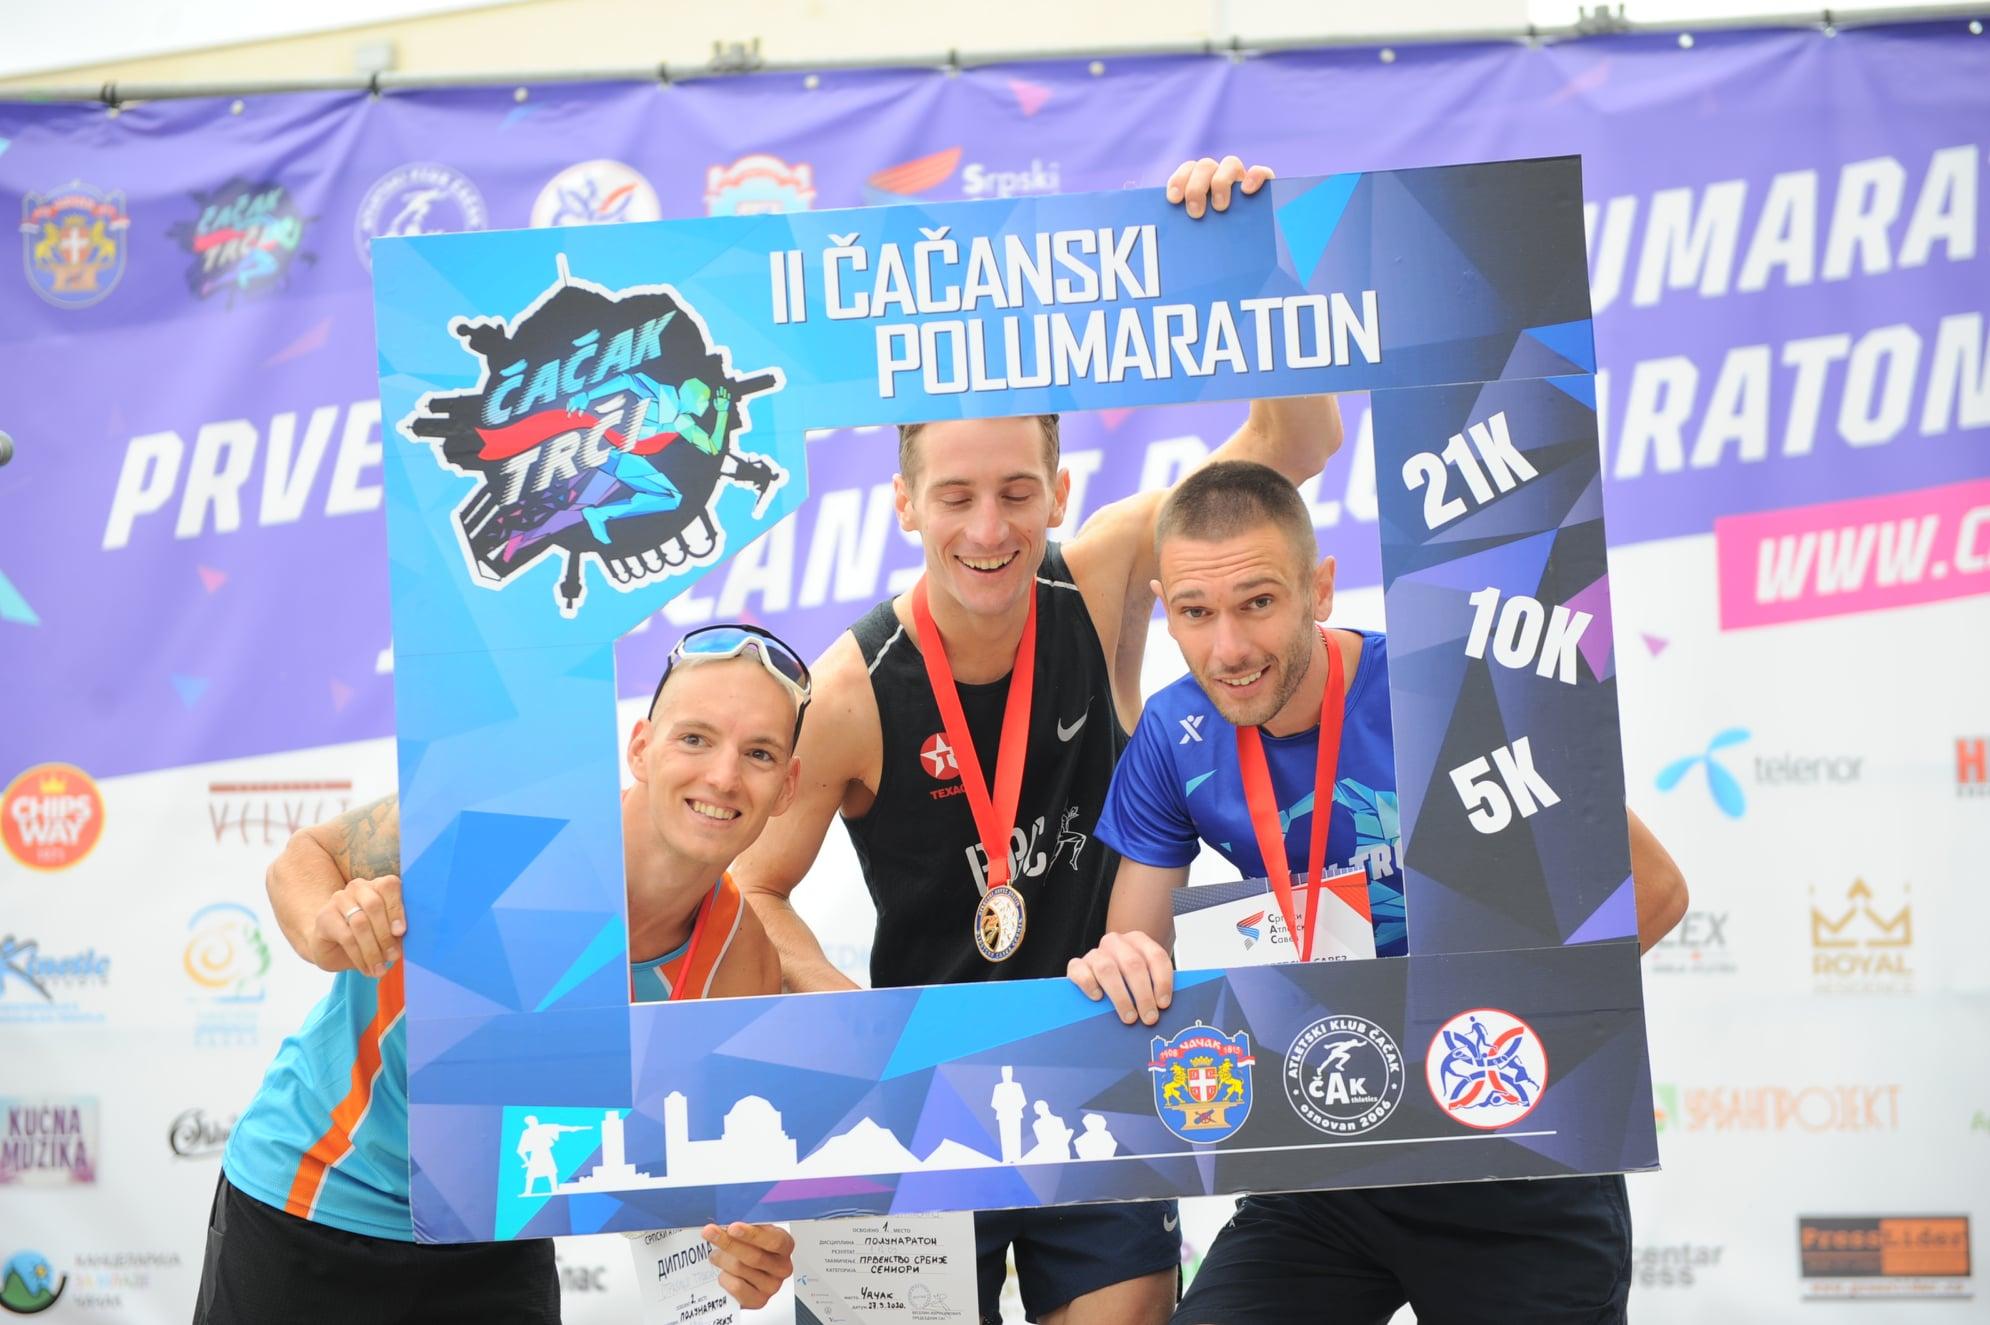 Prvenstvo Srbije u polumaratonu, Čačanski polumaraton, pobednici